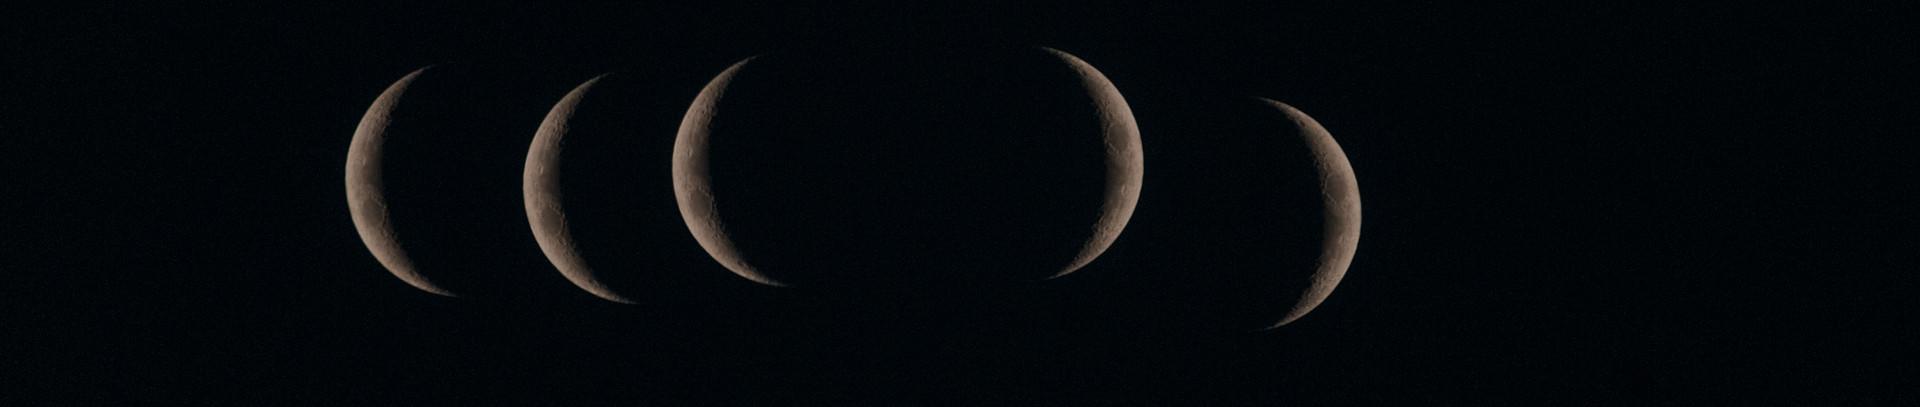 Ciclo luna nueva